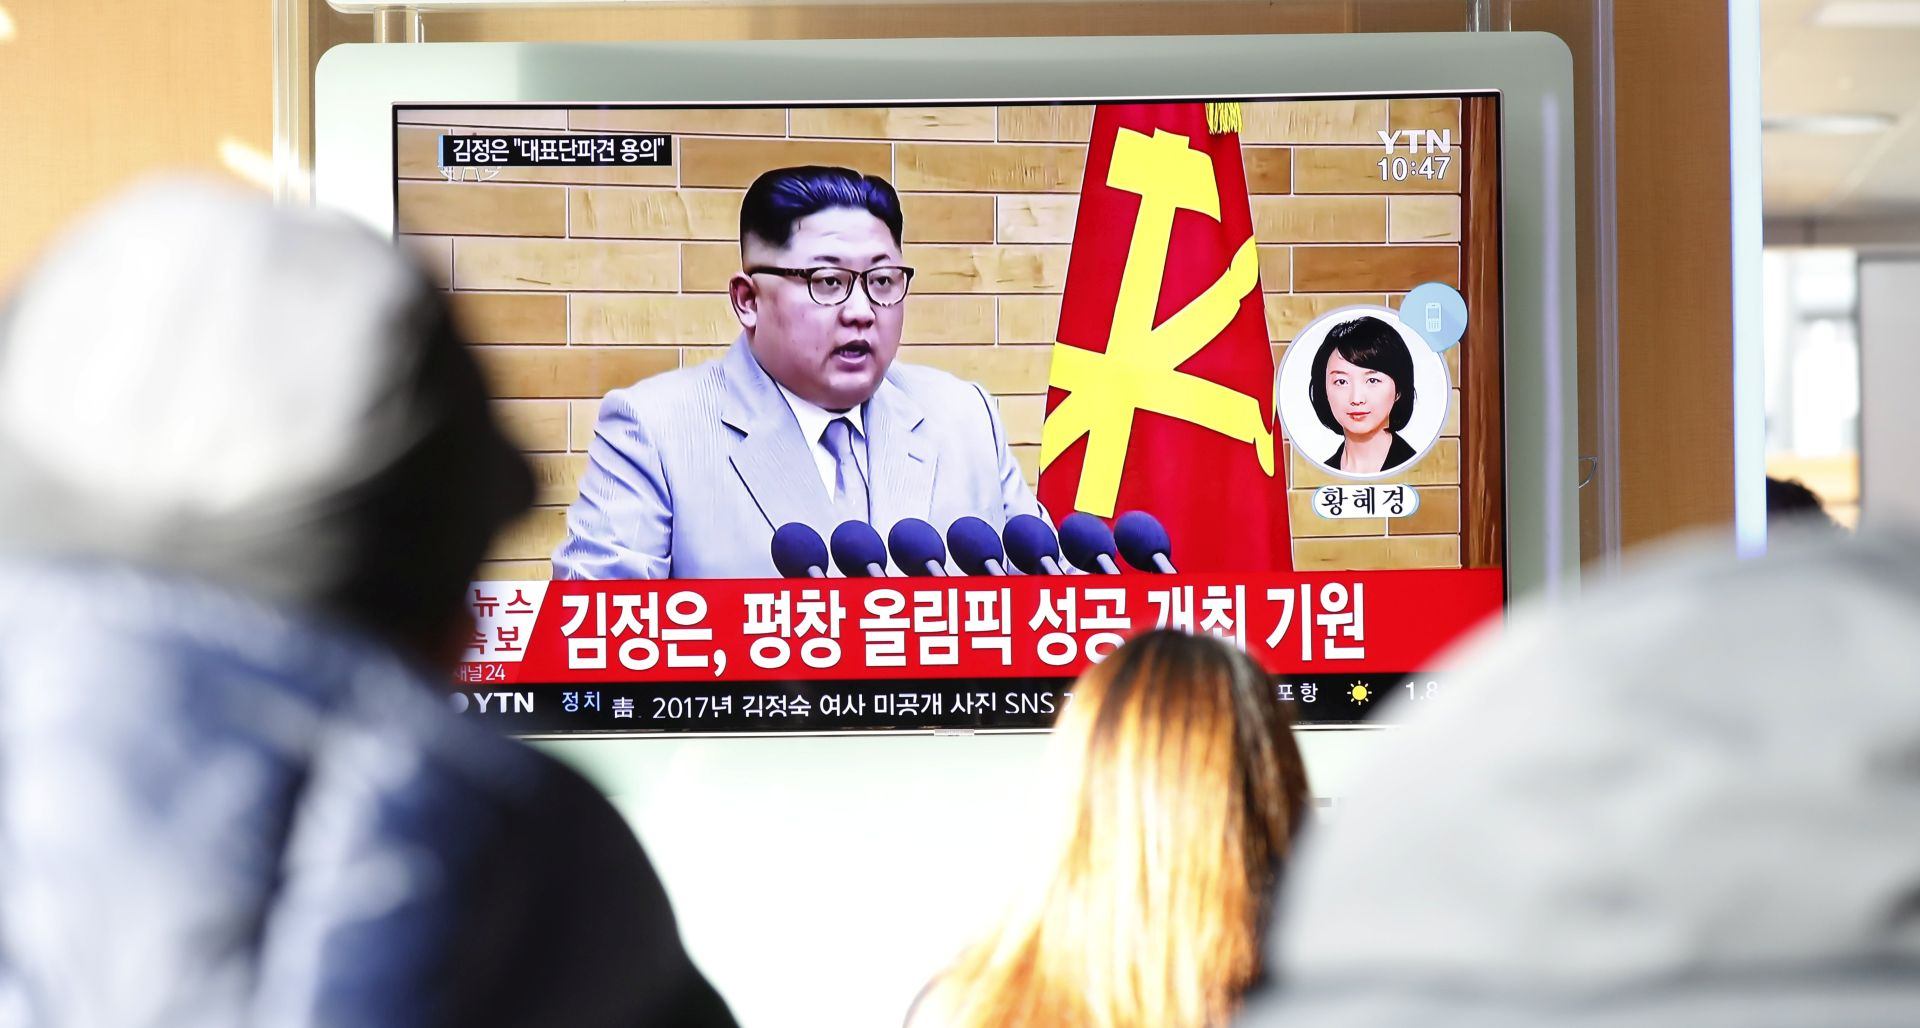 Na pruženu ruku Pjongjanga Seul uzvraća prijedlogom o pregovorima